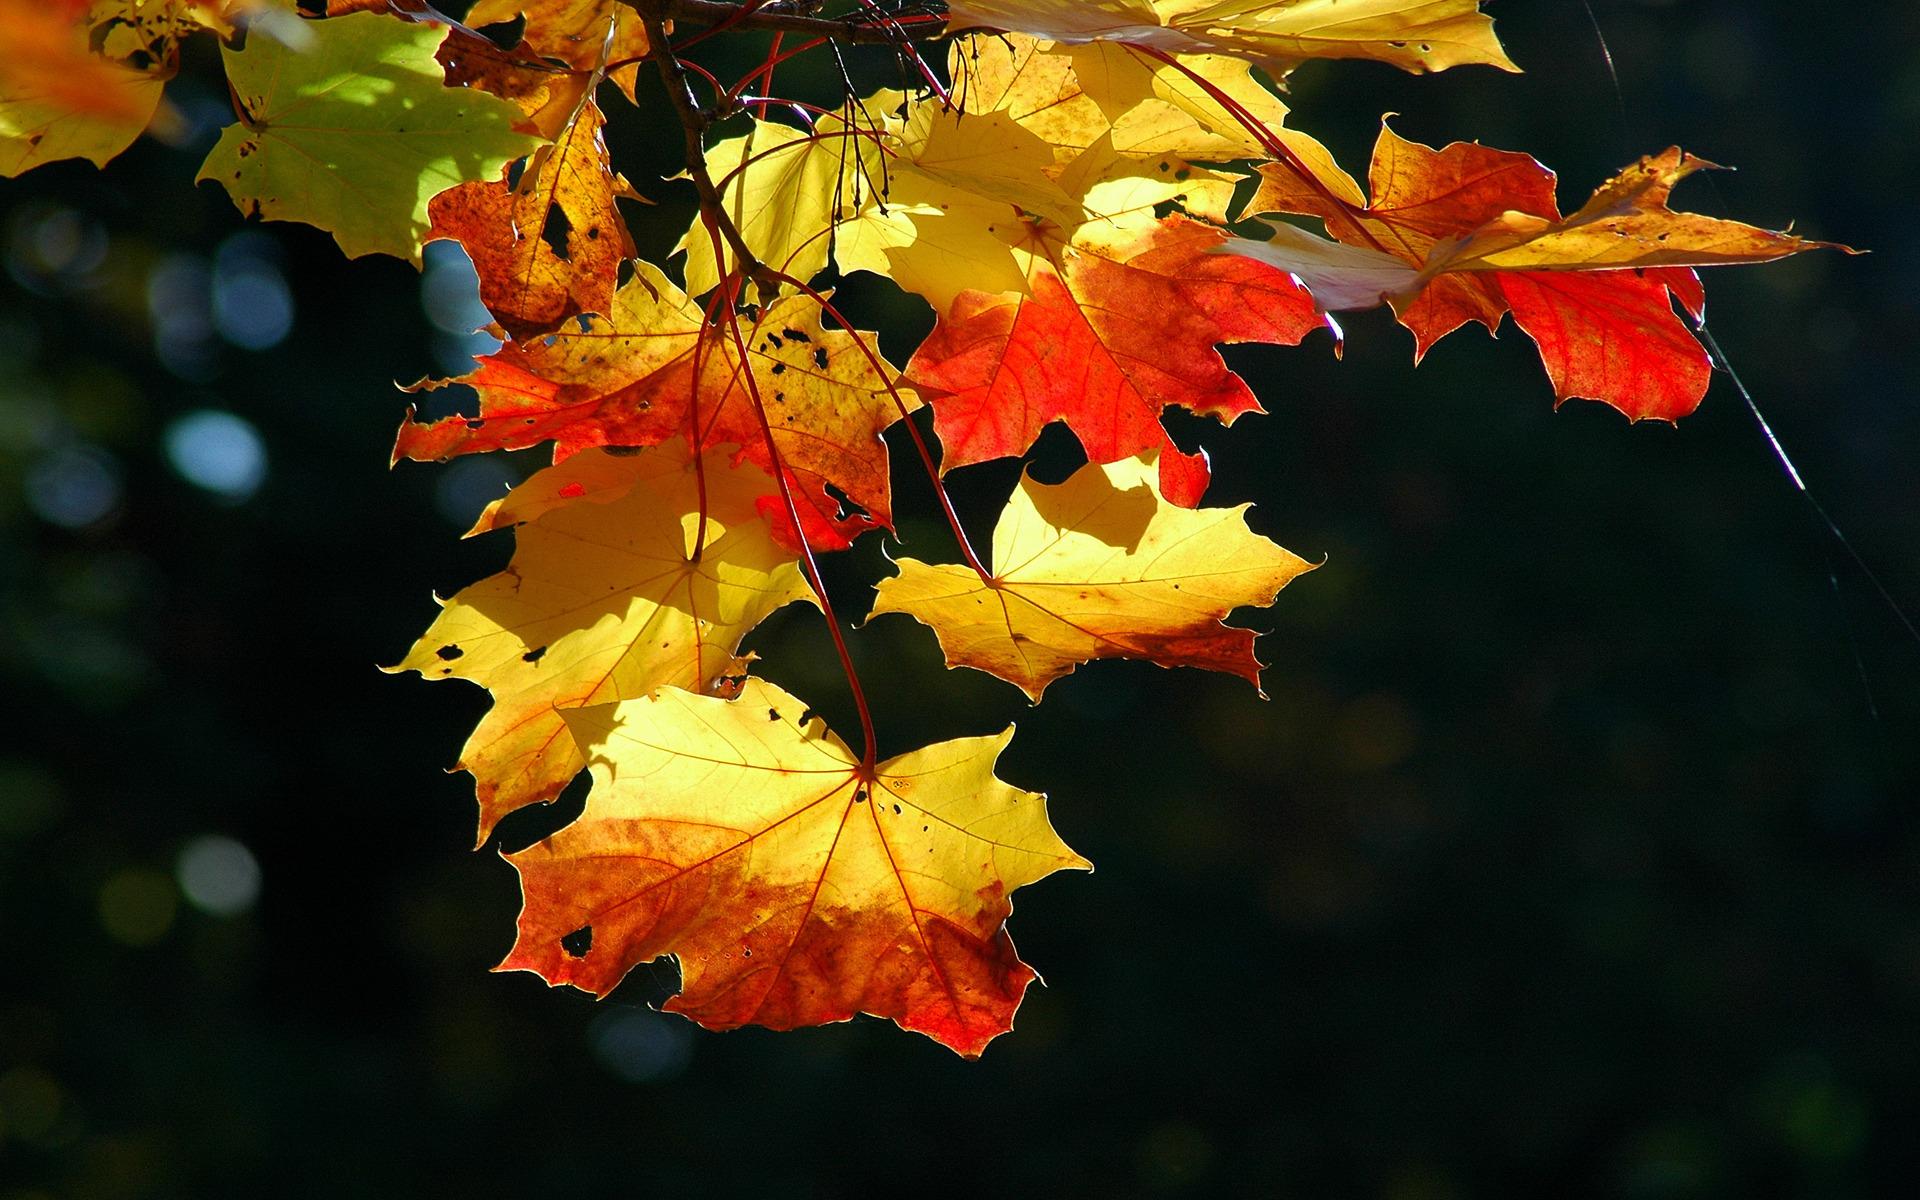 осень, деревья, листва, листопад загрузить